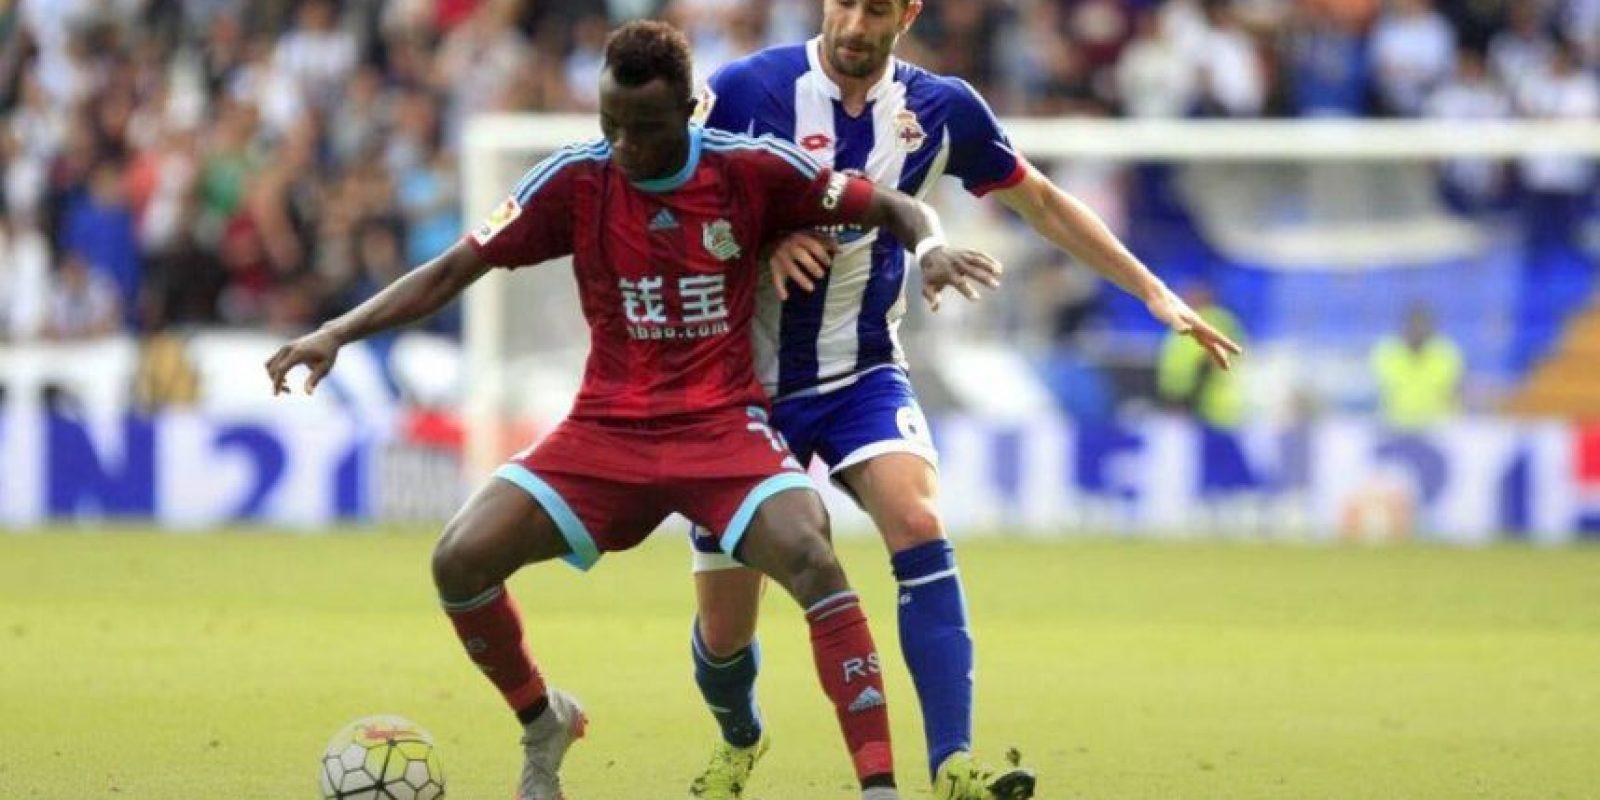 Deportivo La Coruña 0-0 Real Sociedad Foto:Vía facebook.com/RCDeportivo